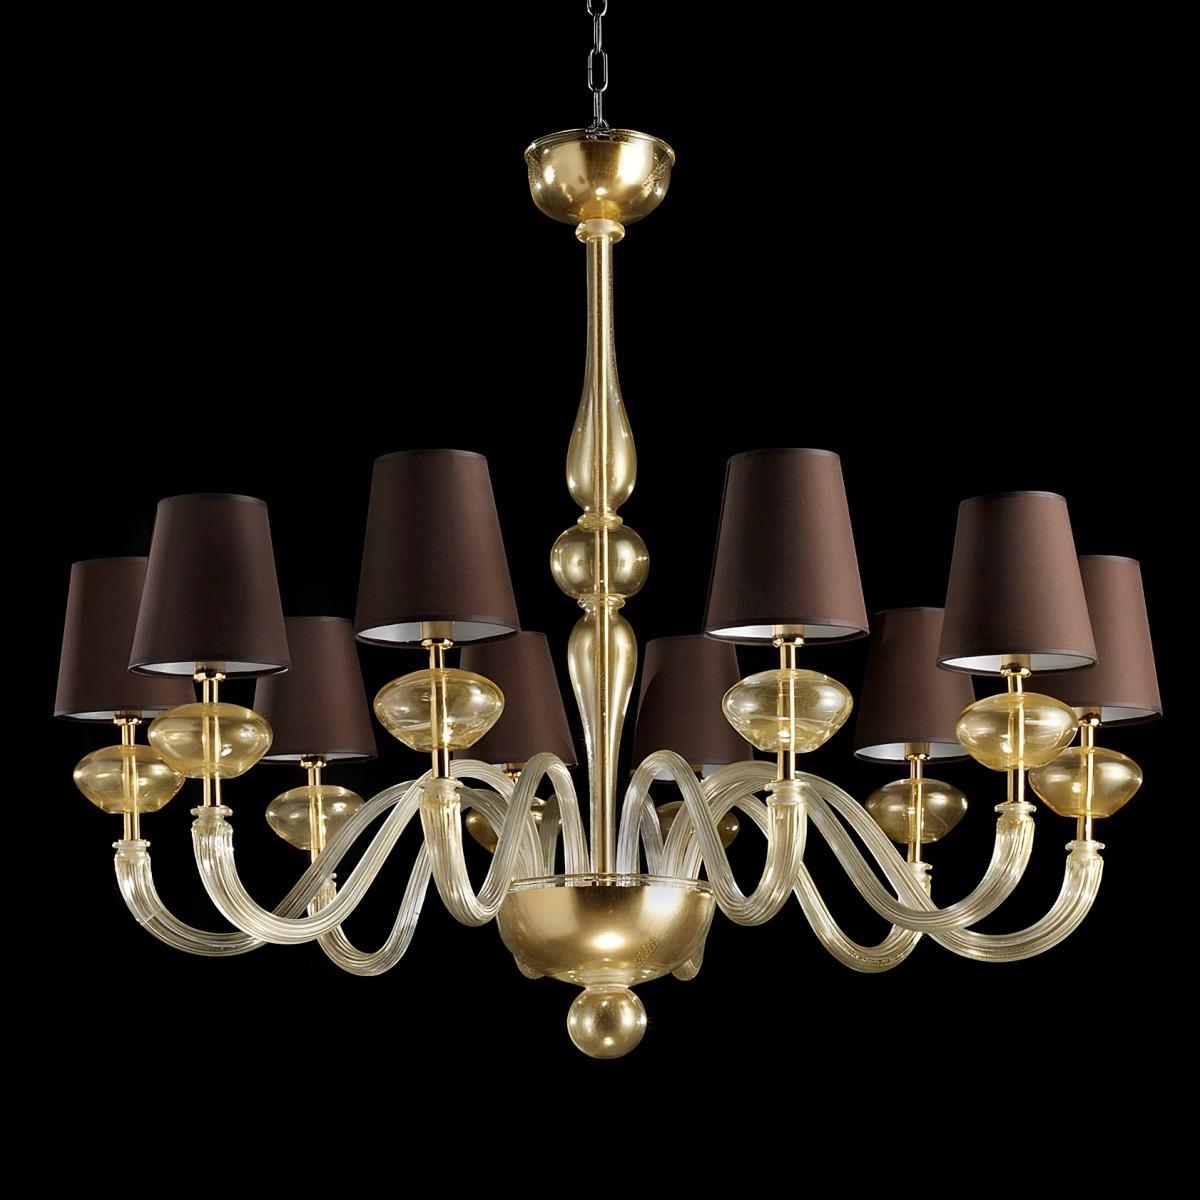 """""""Castore"""" lampara de araña de Murano - 10 luces - todo oro - pantallas marron"""